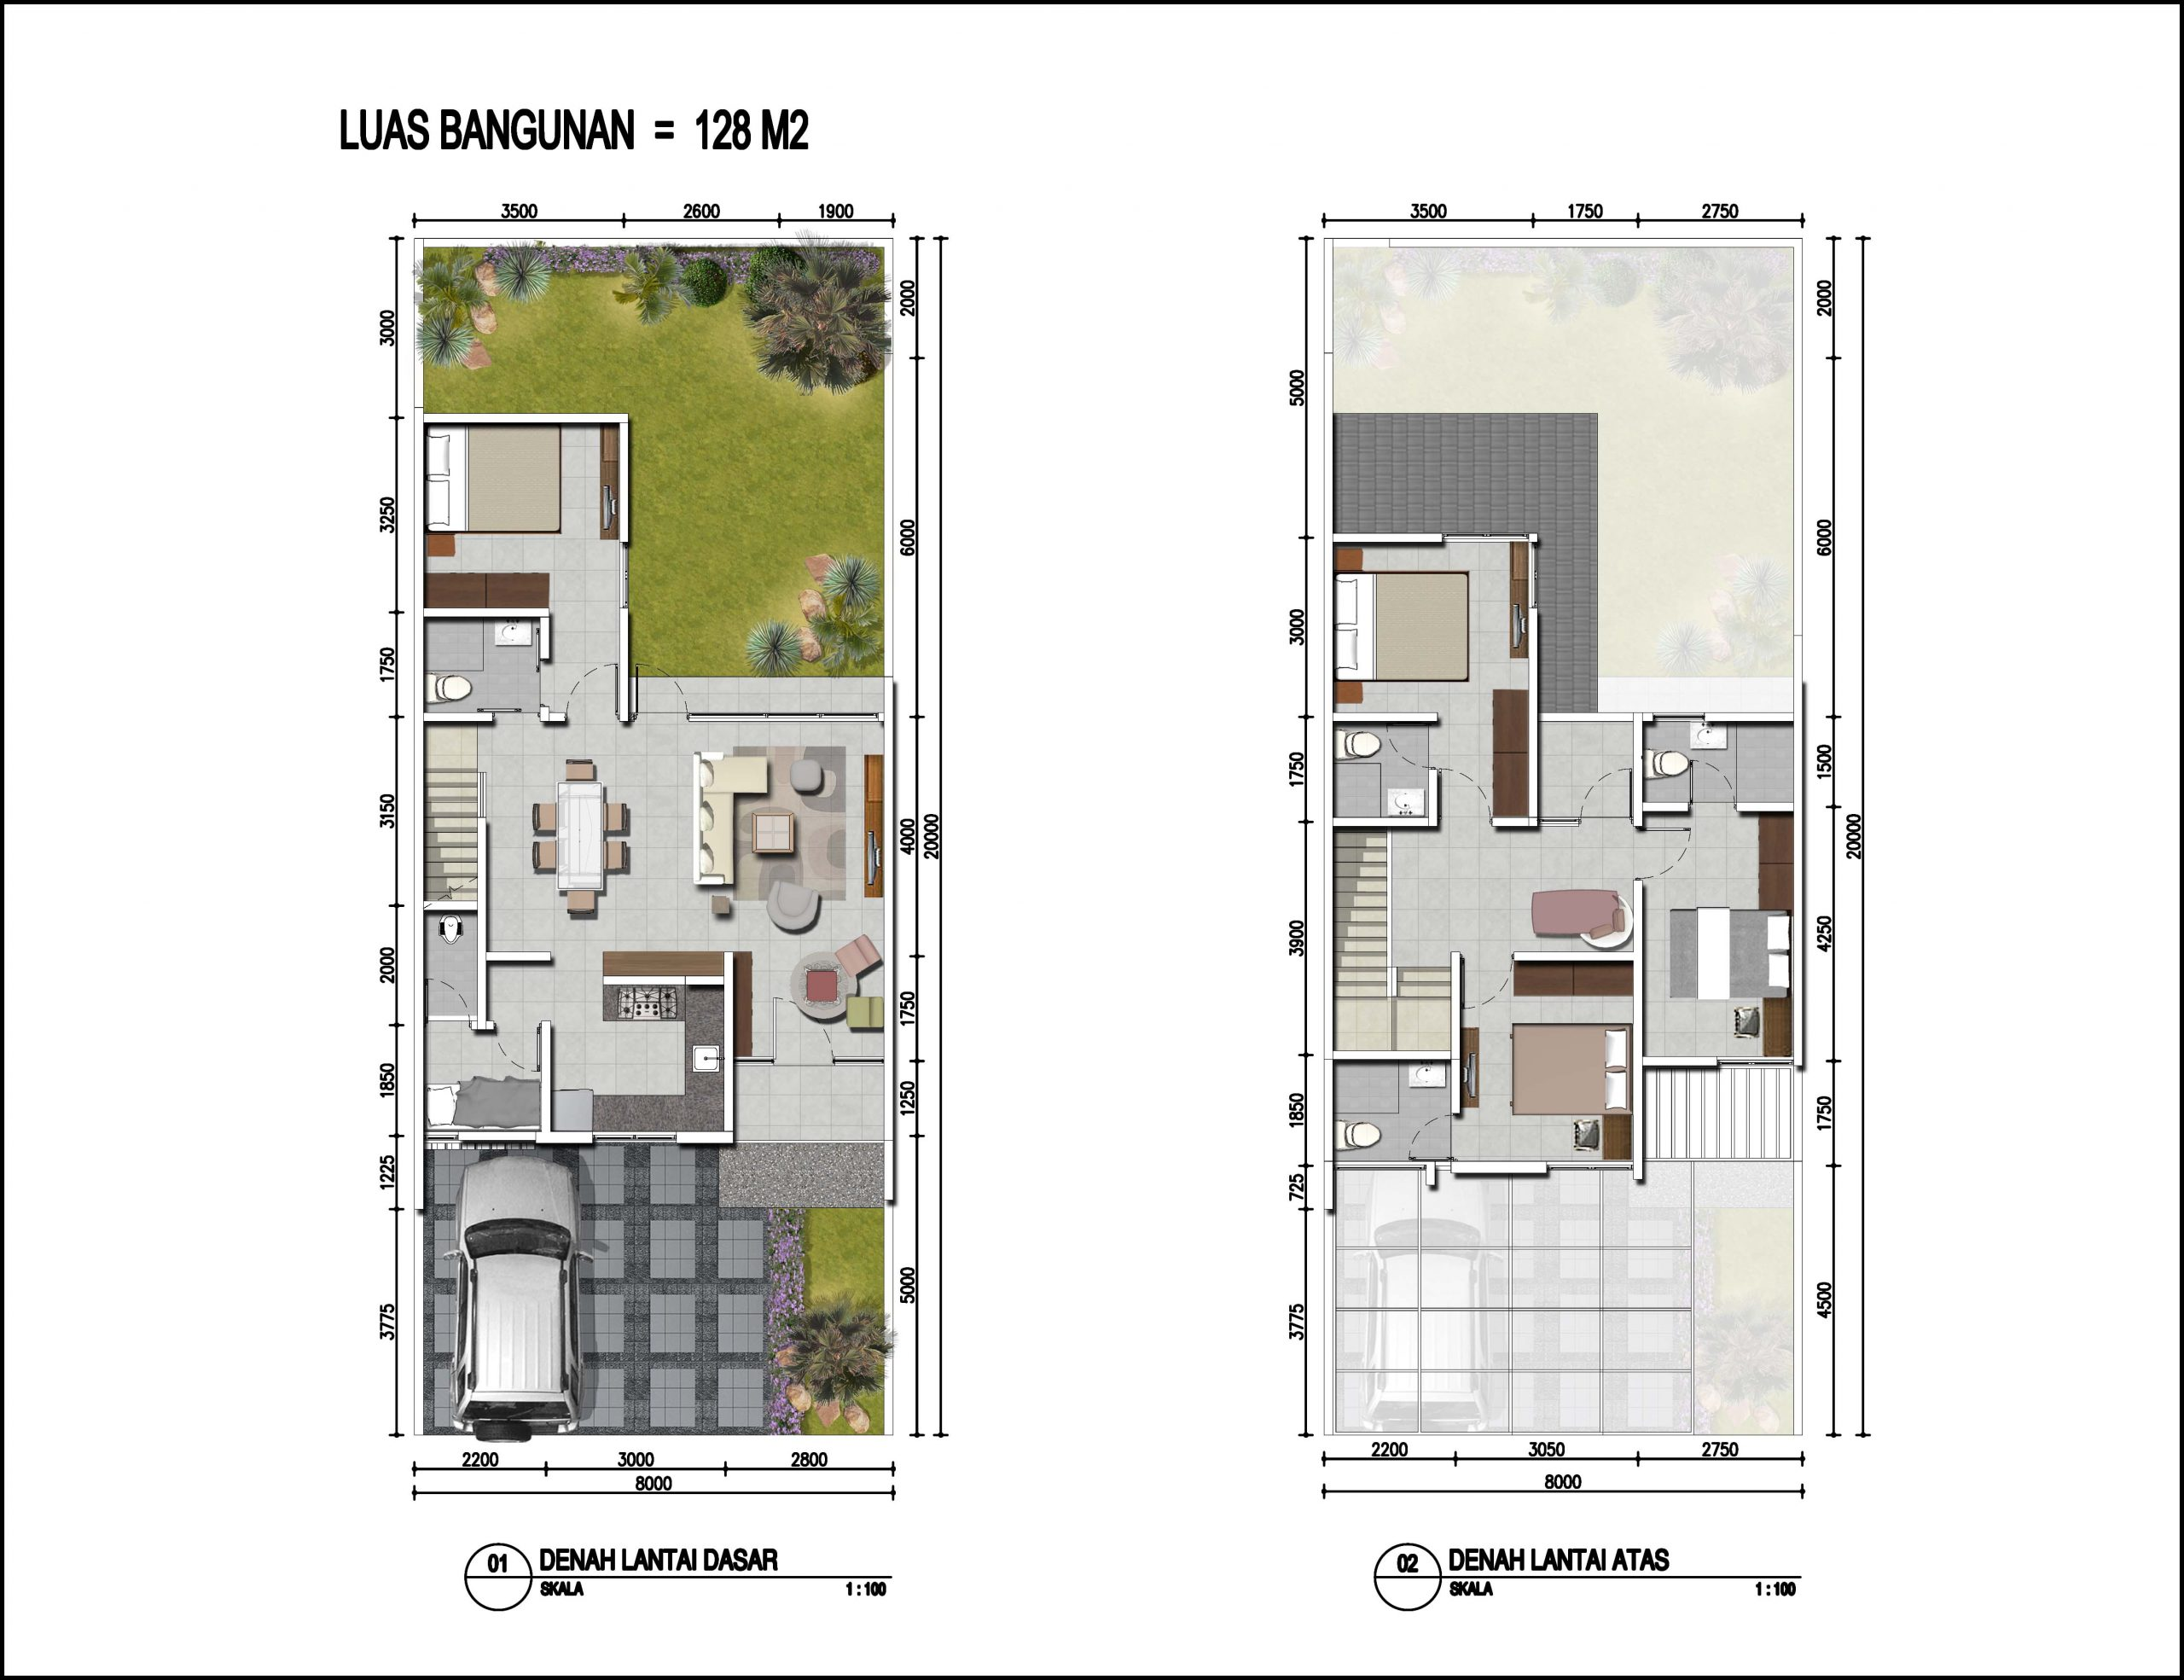 Image Tipe Tipe Cerasus (Luas Tanah 144, 160 & VAR) & (Luas Bangunan 128)